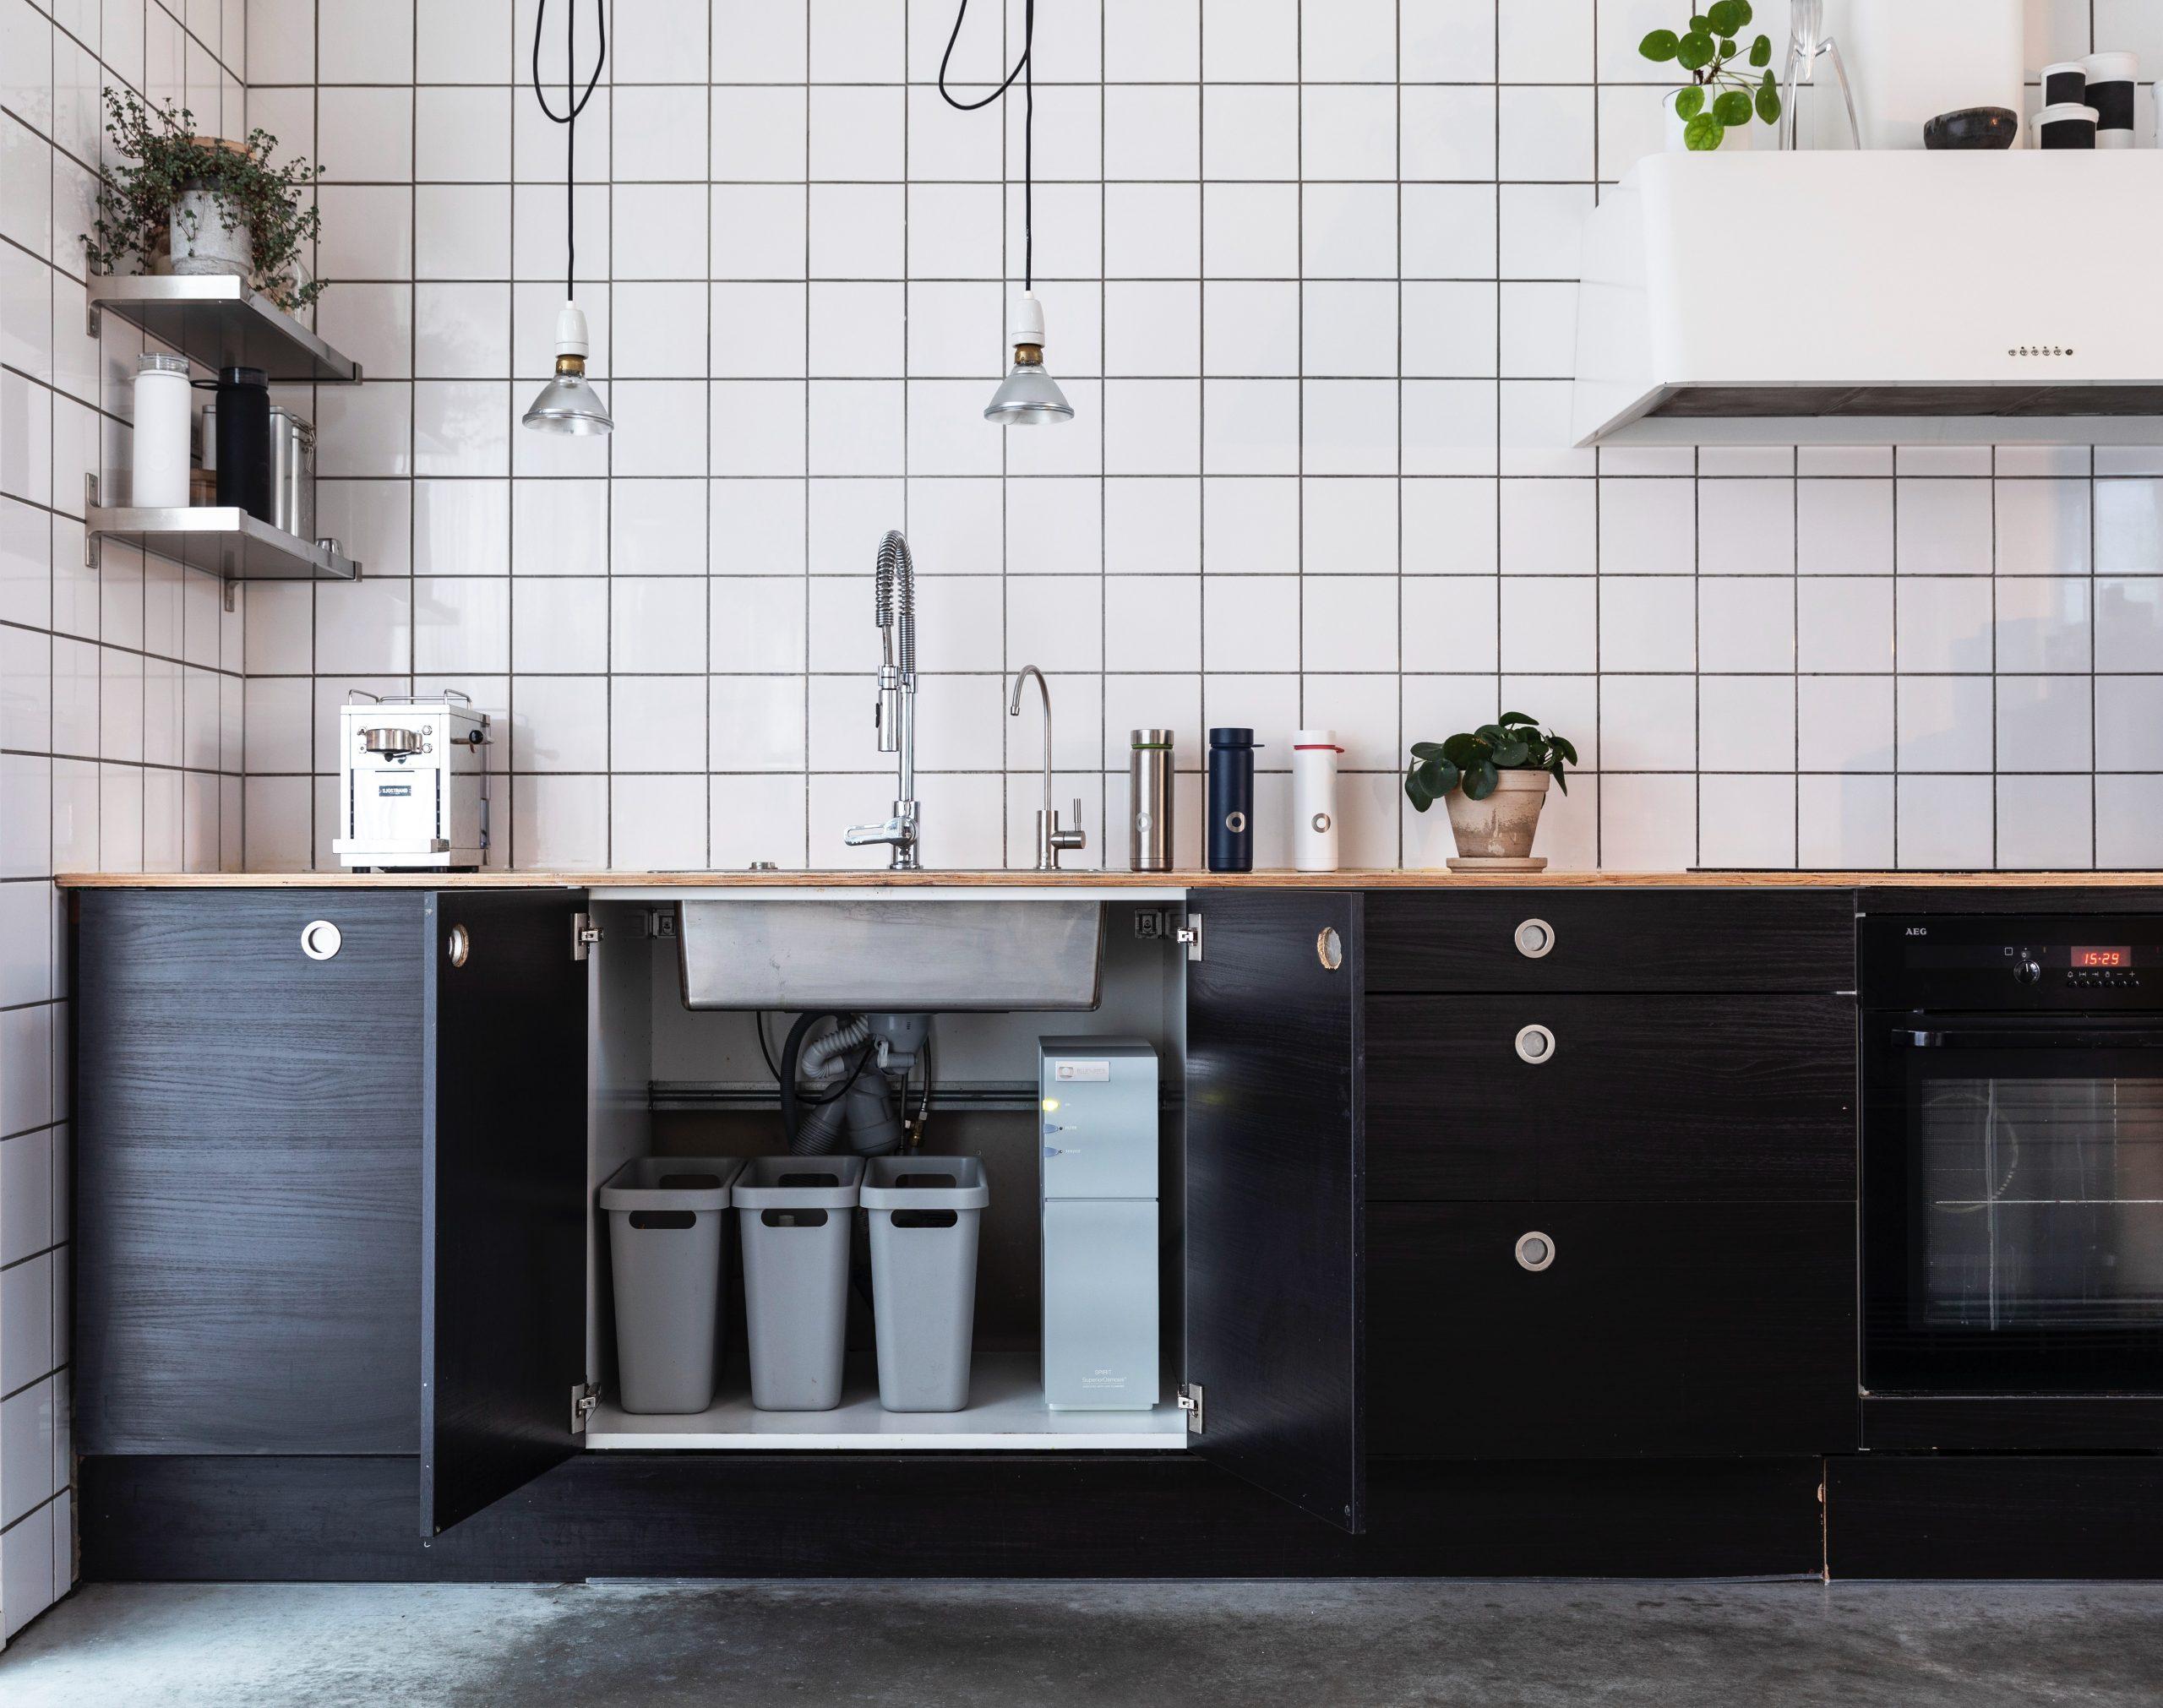 Imagem de cozinha com purificador de água em bancada